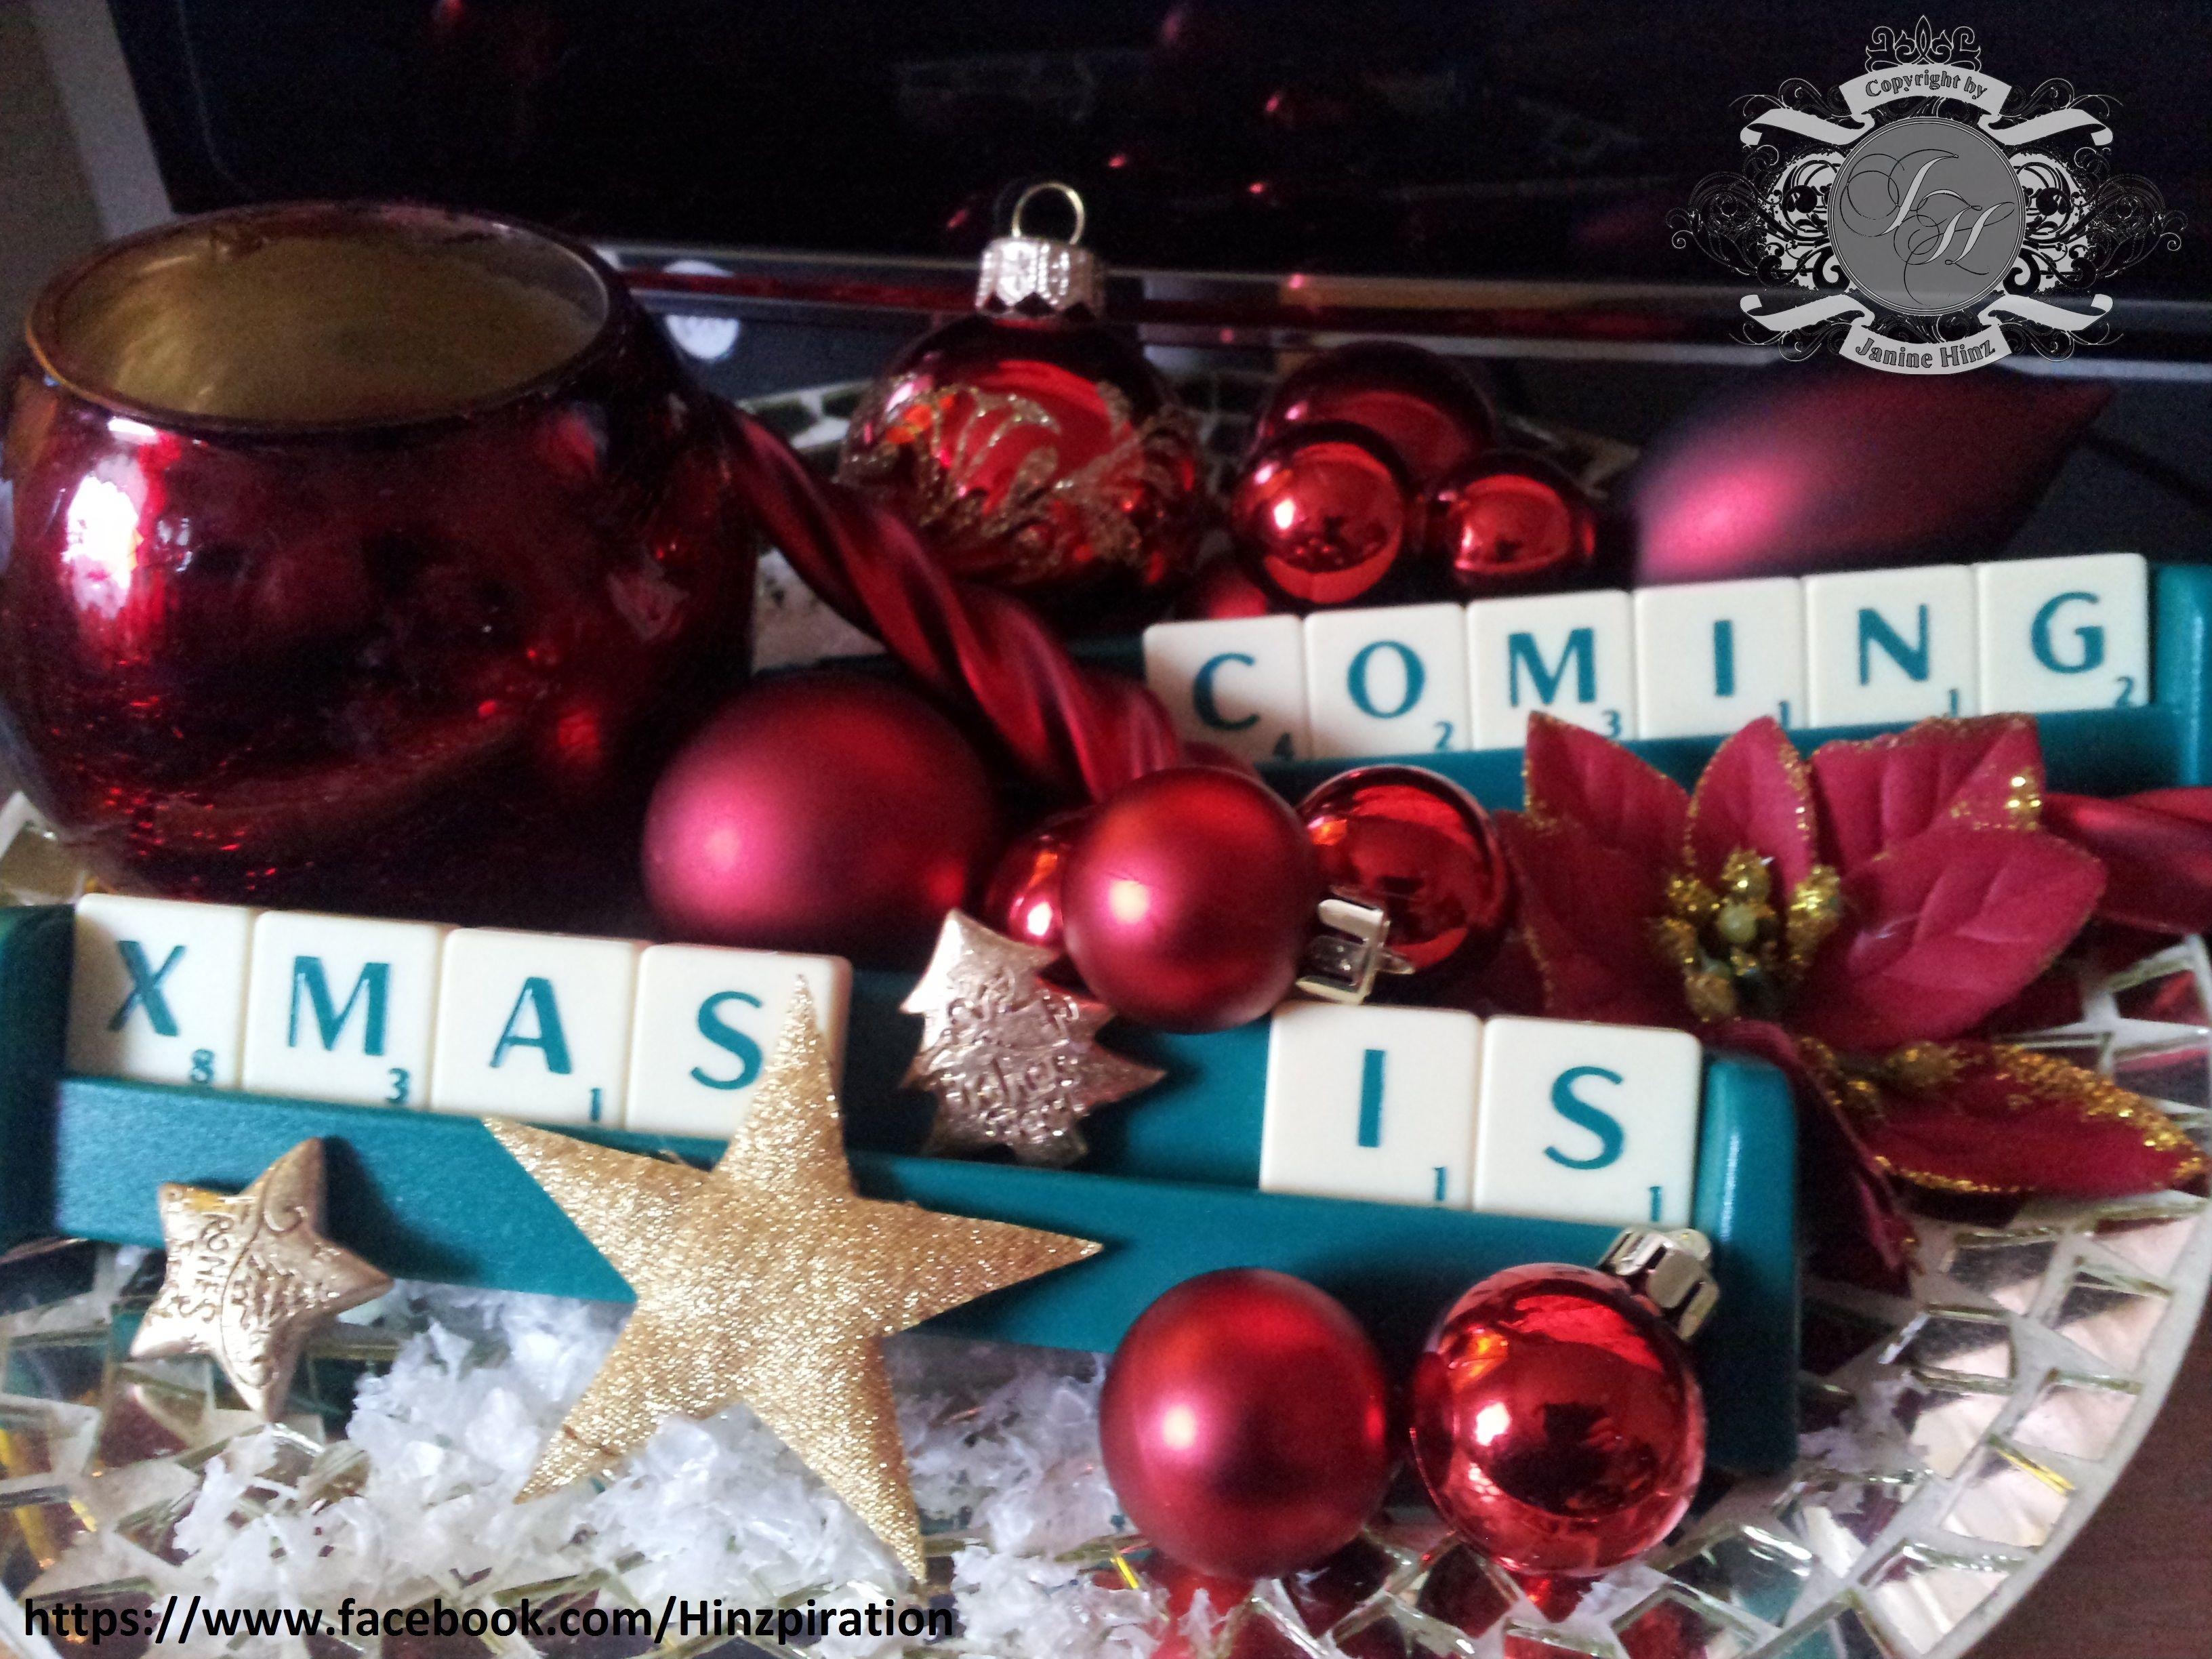 Wohnideen Weihnachtsdeko weihnachten 2013 idee mit den scrabble buchstaben http